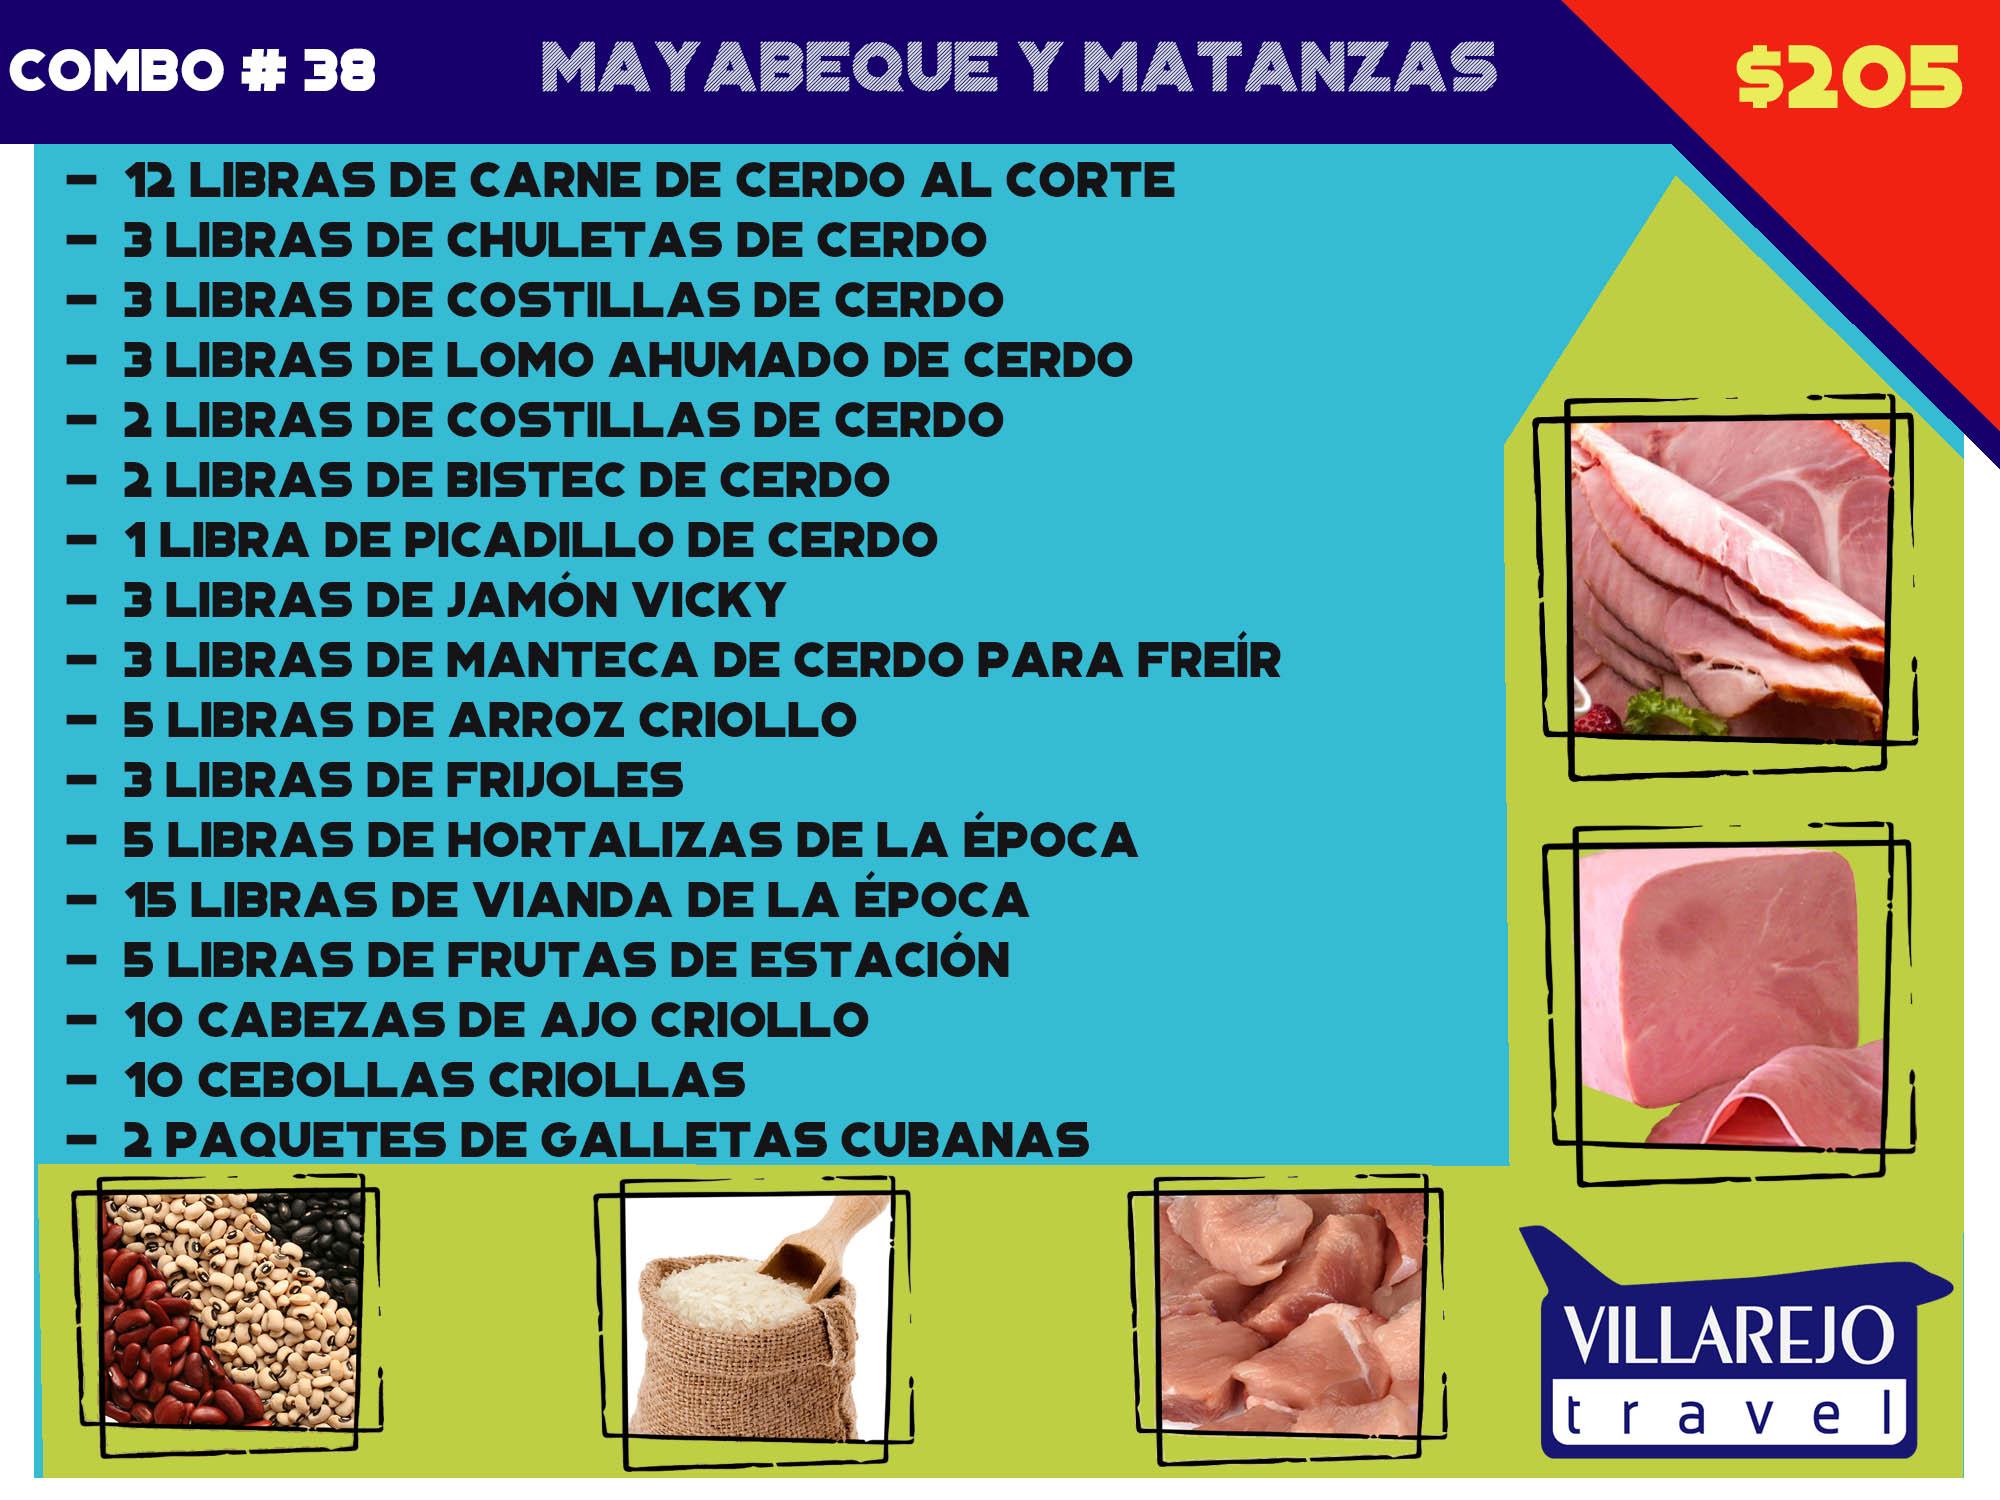 COMBO # 38 MAYABEQUE Y MATANZAS (Mixto)